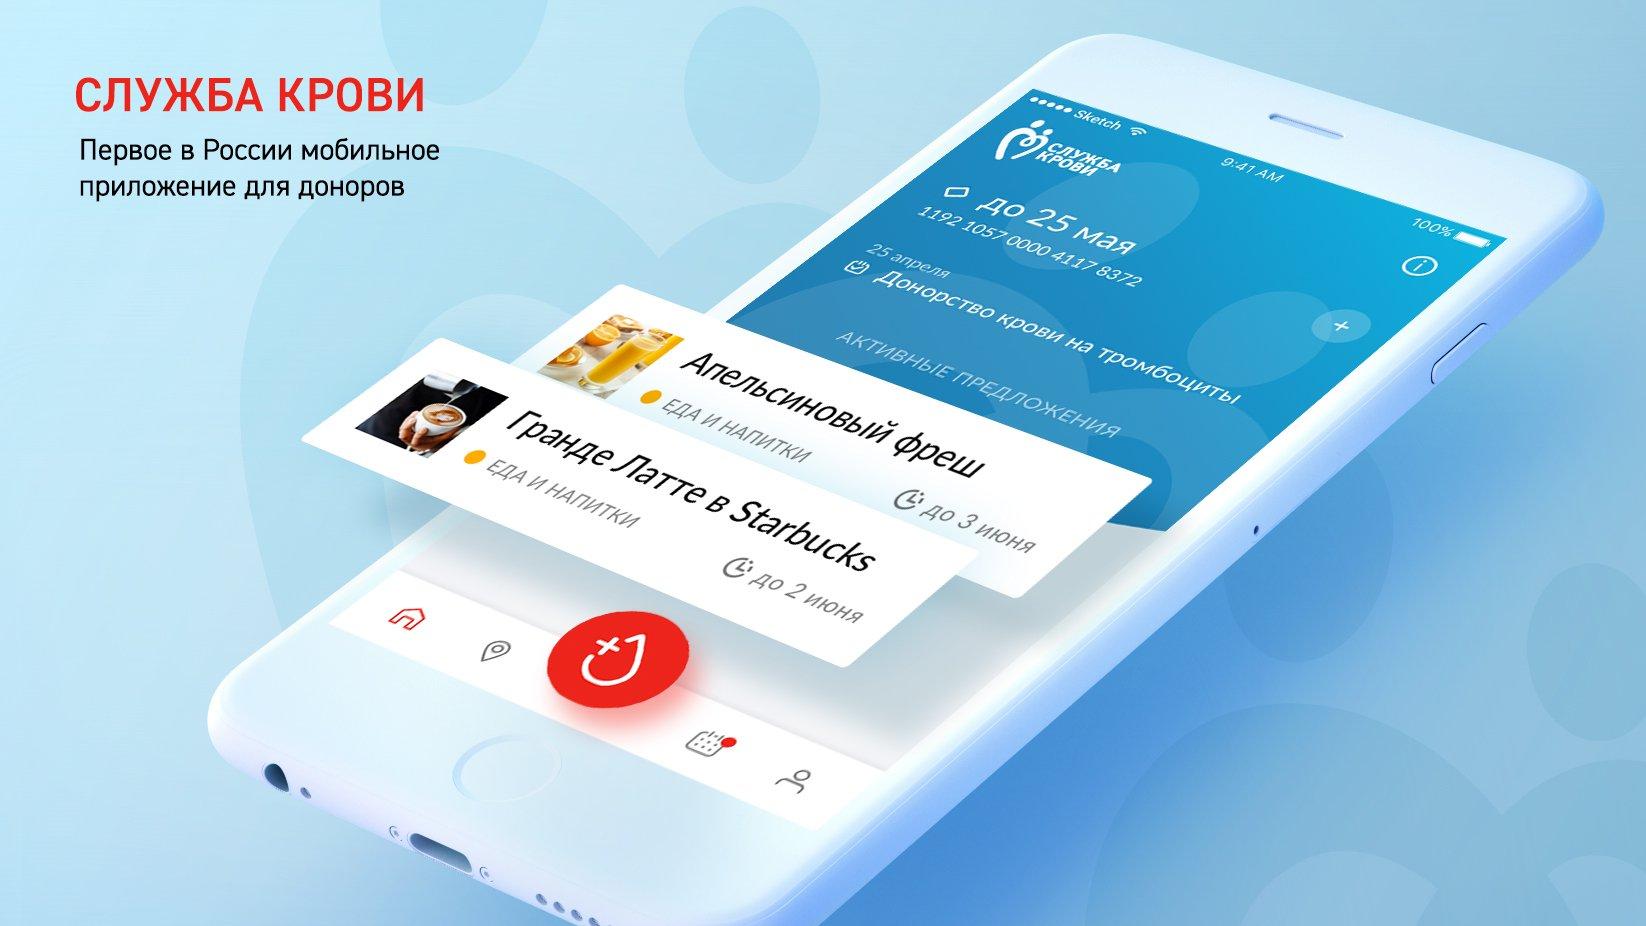 Мобильное приложение «Служба крови»